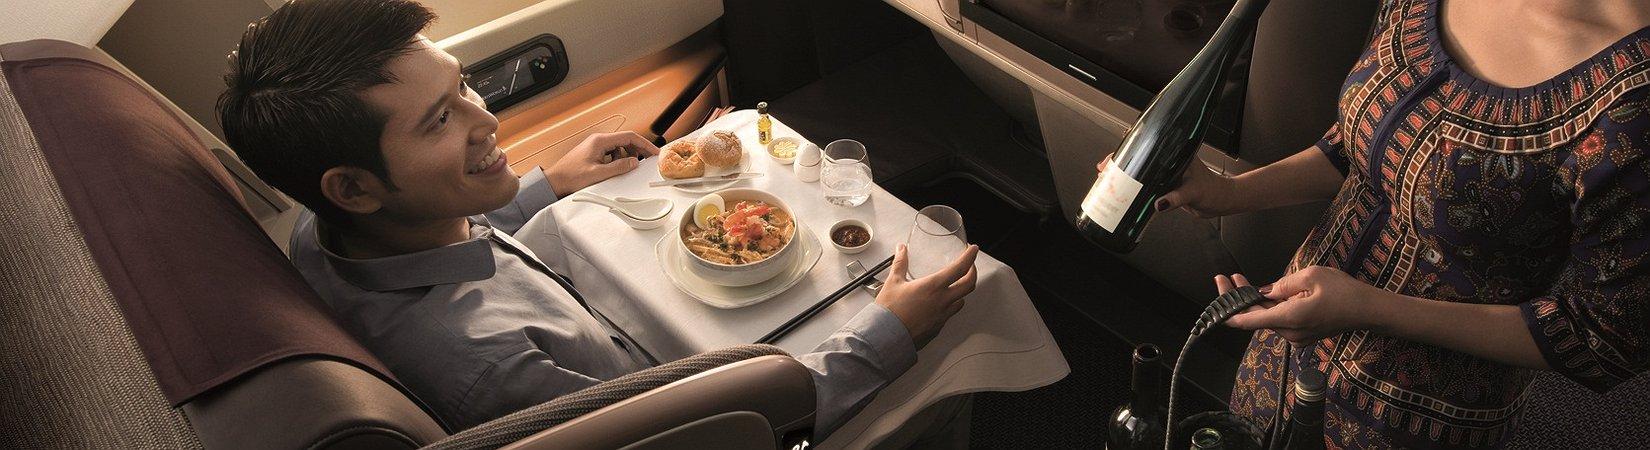 5 شركات طيران بأفضل قوائم طعام